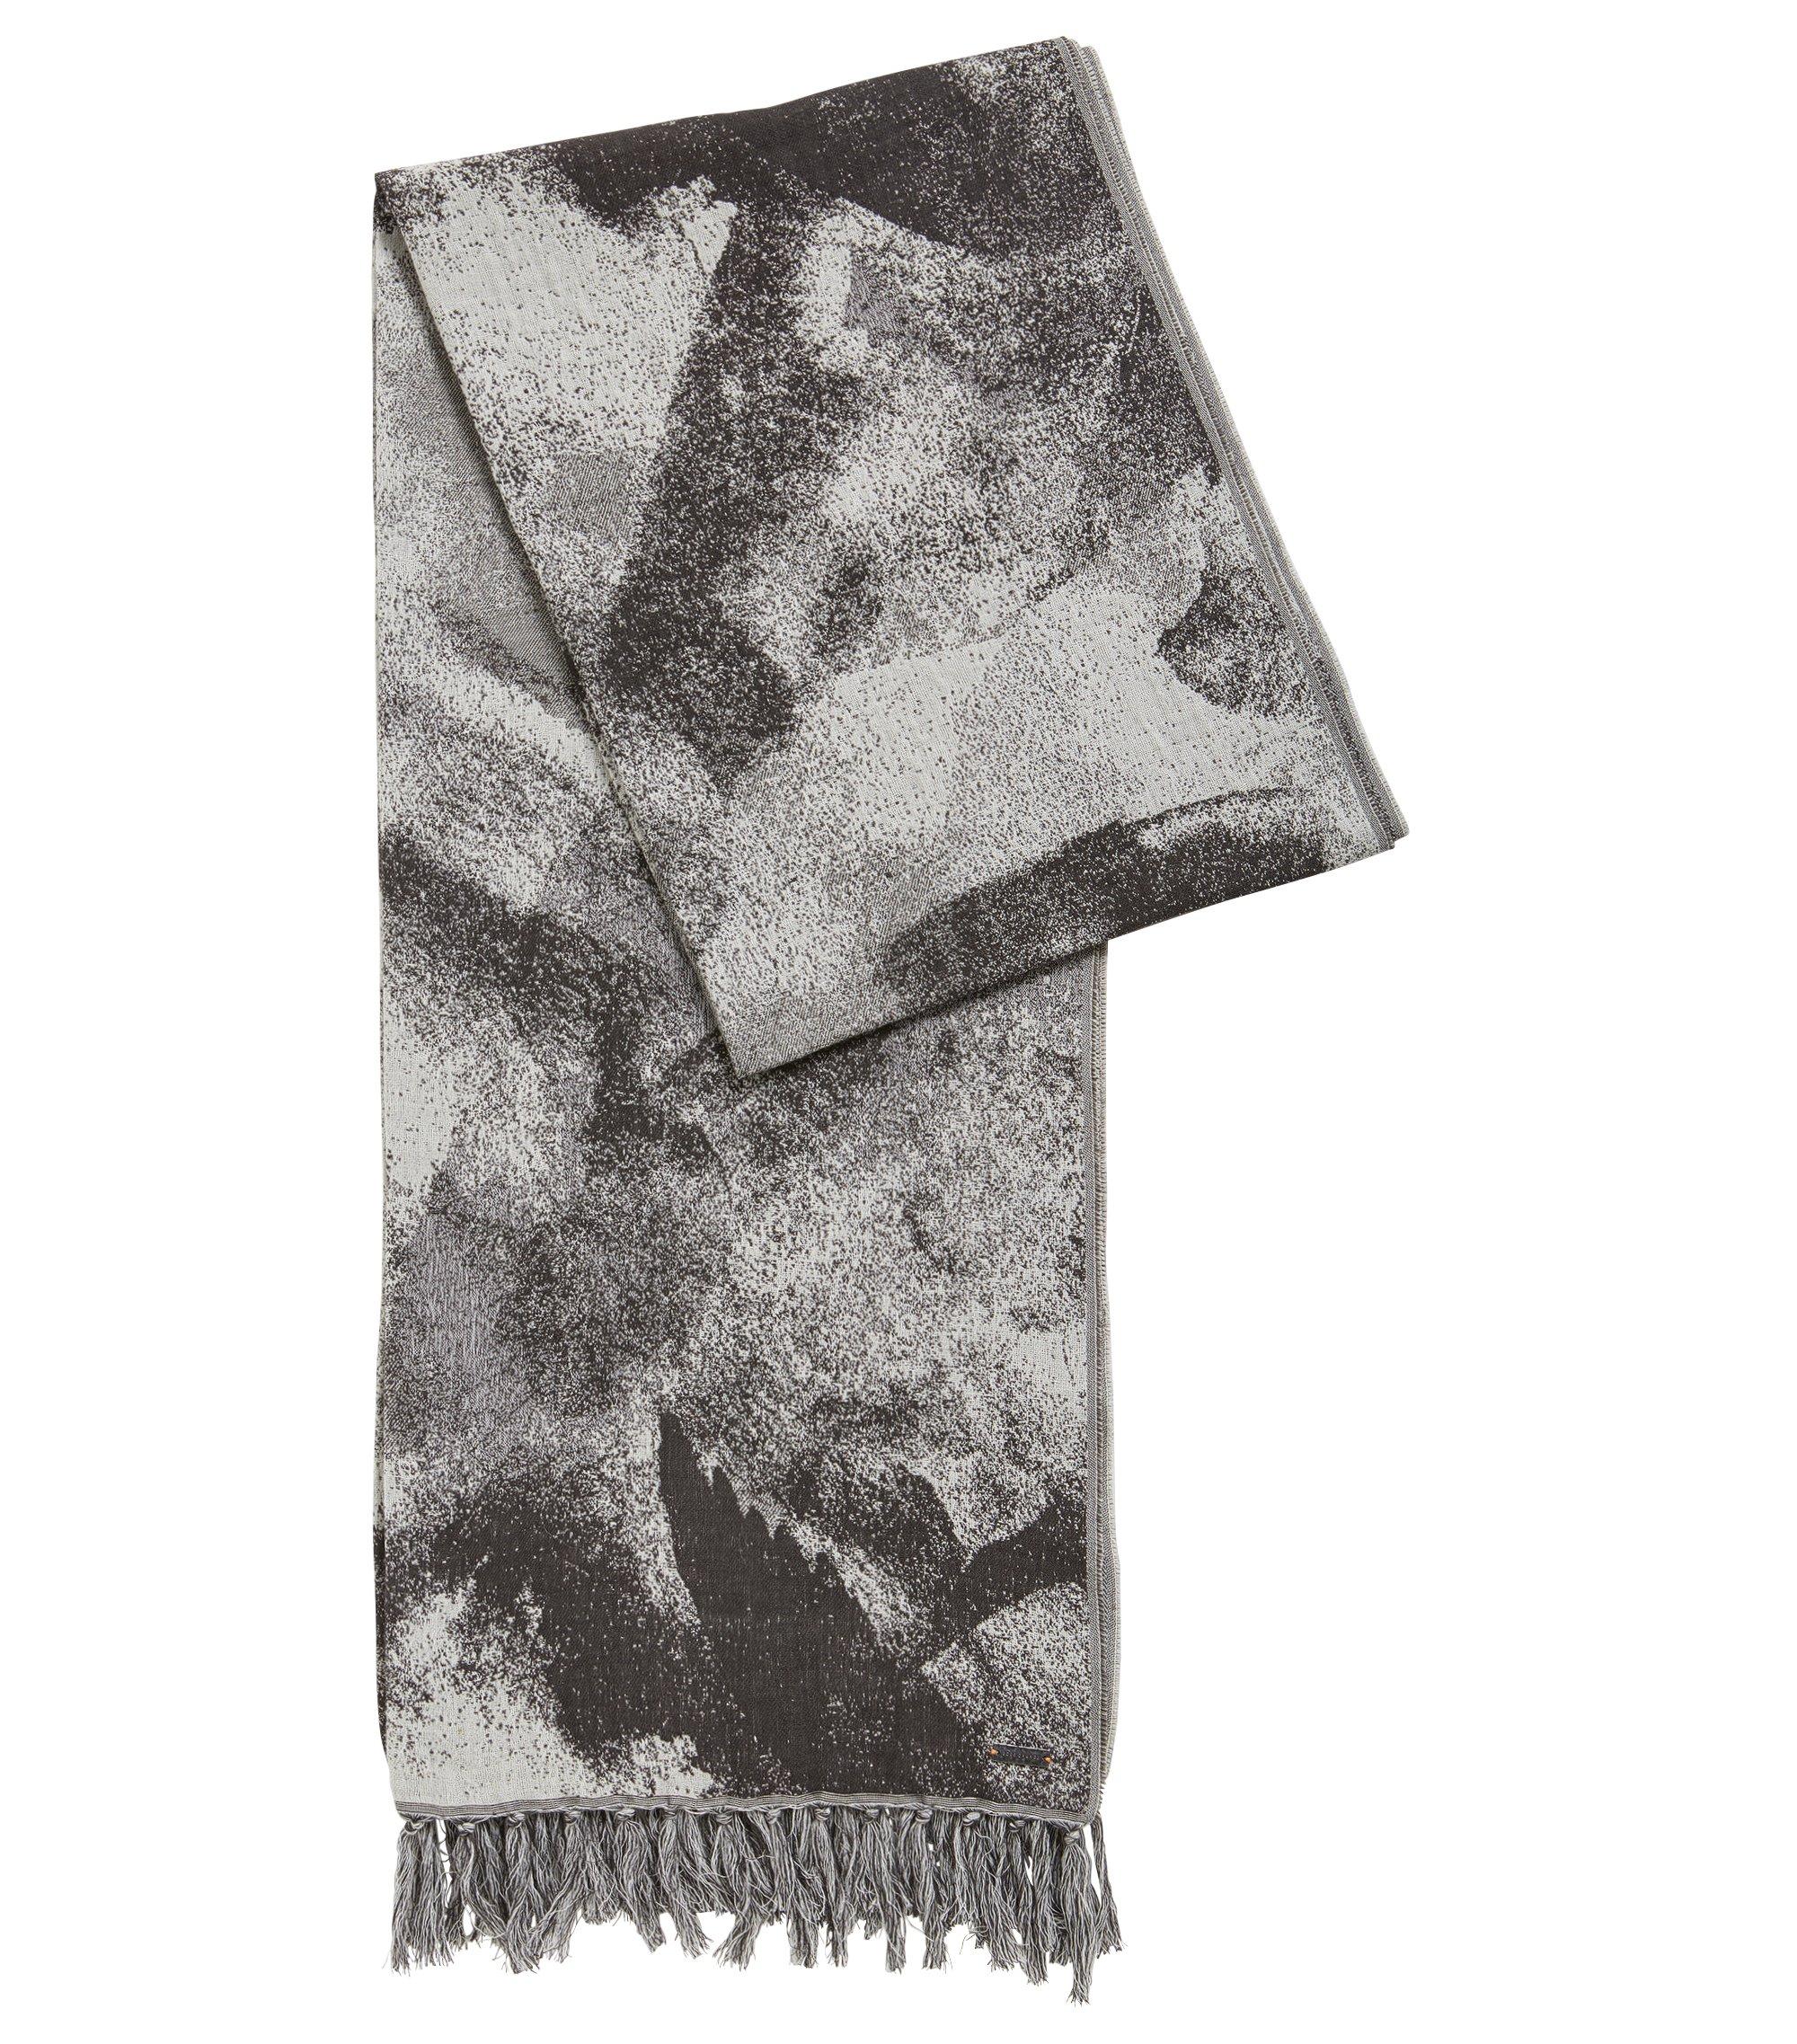 Sciarpa in misto cotone con stampa astratta, Grigio antracite